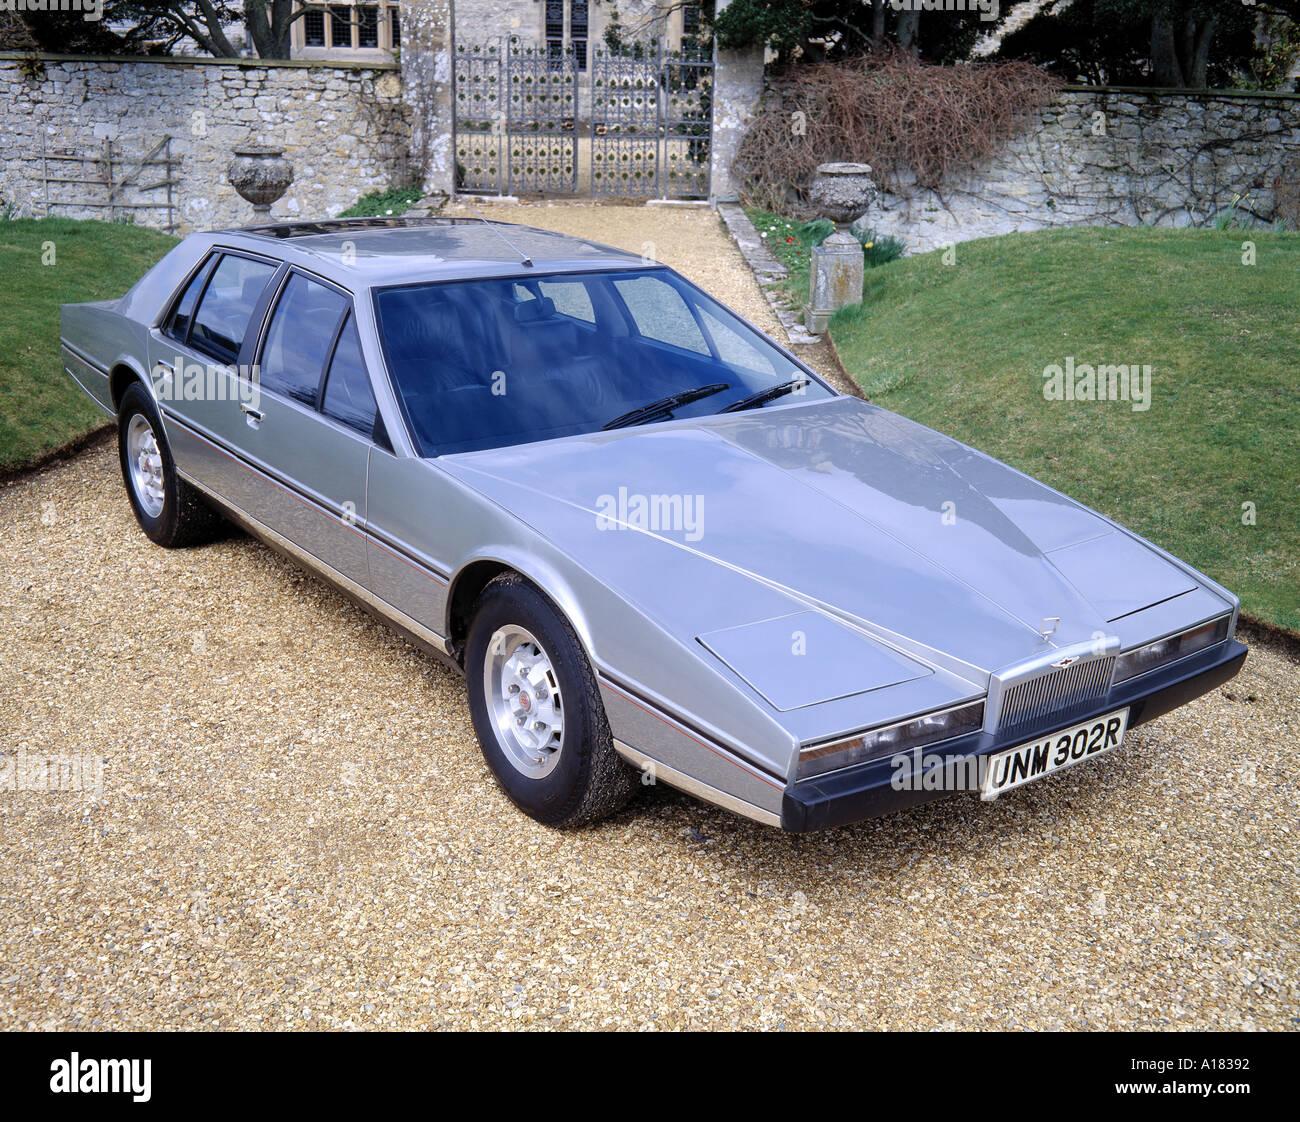 1977 Aston Martin Lagonda Stock Photo Alamy